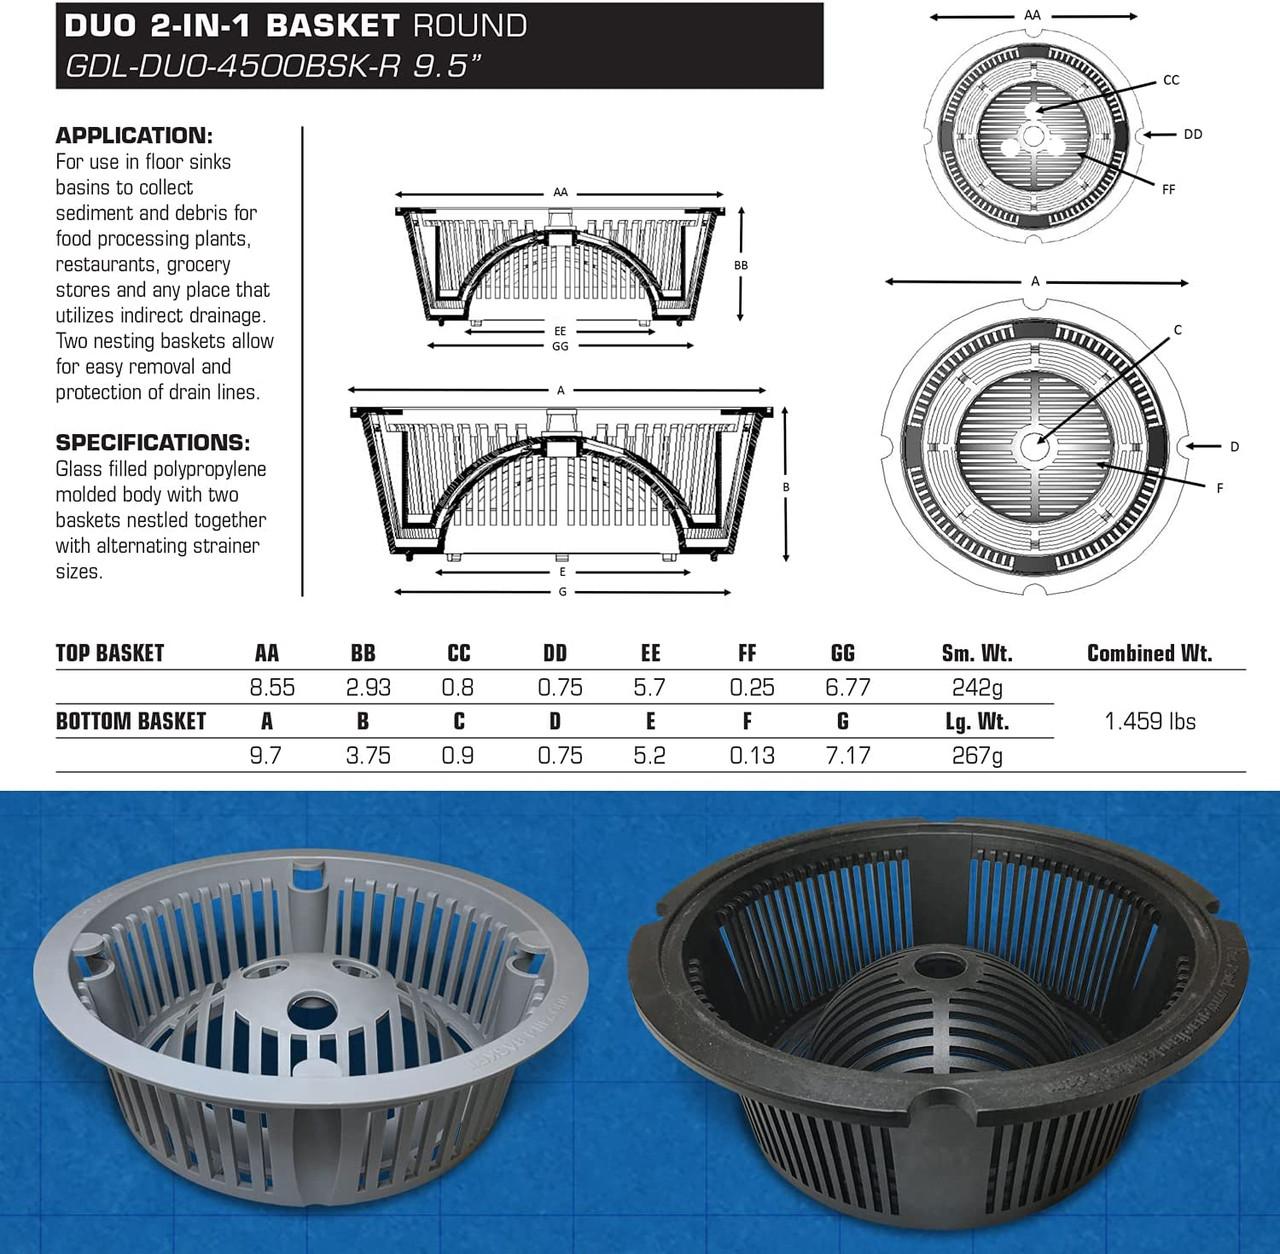 DUO 2-in-1 Floor Sink Basket Specs